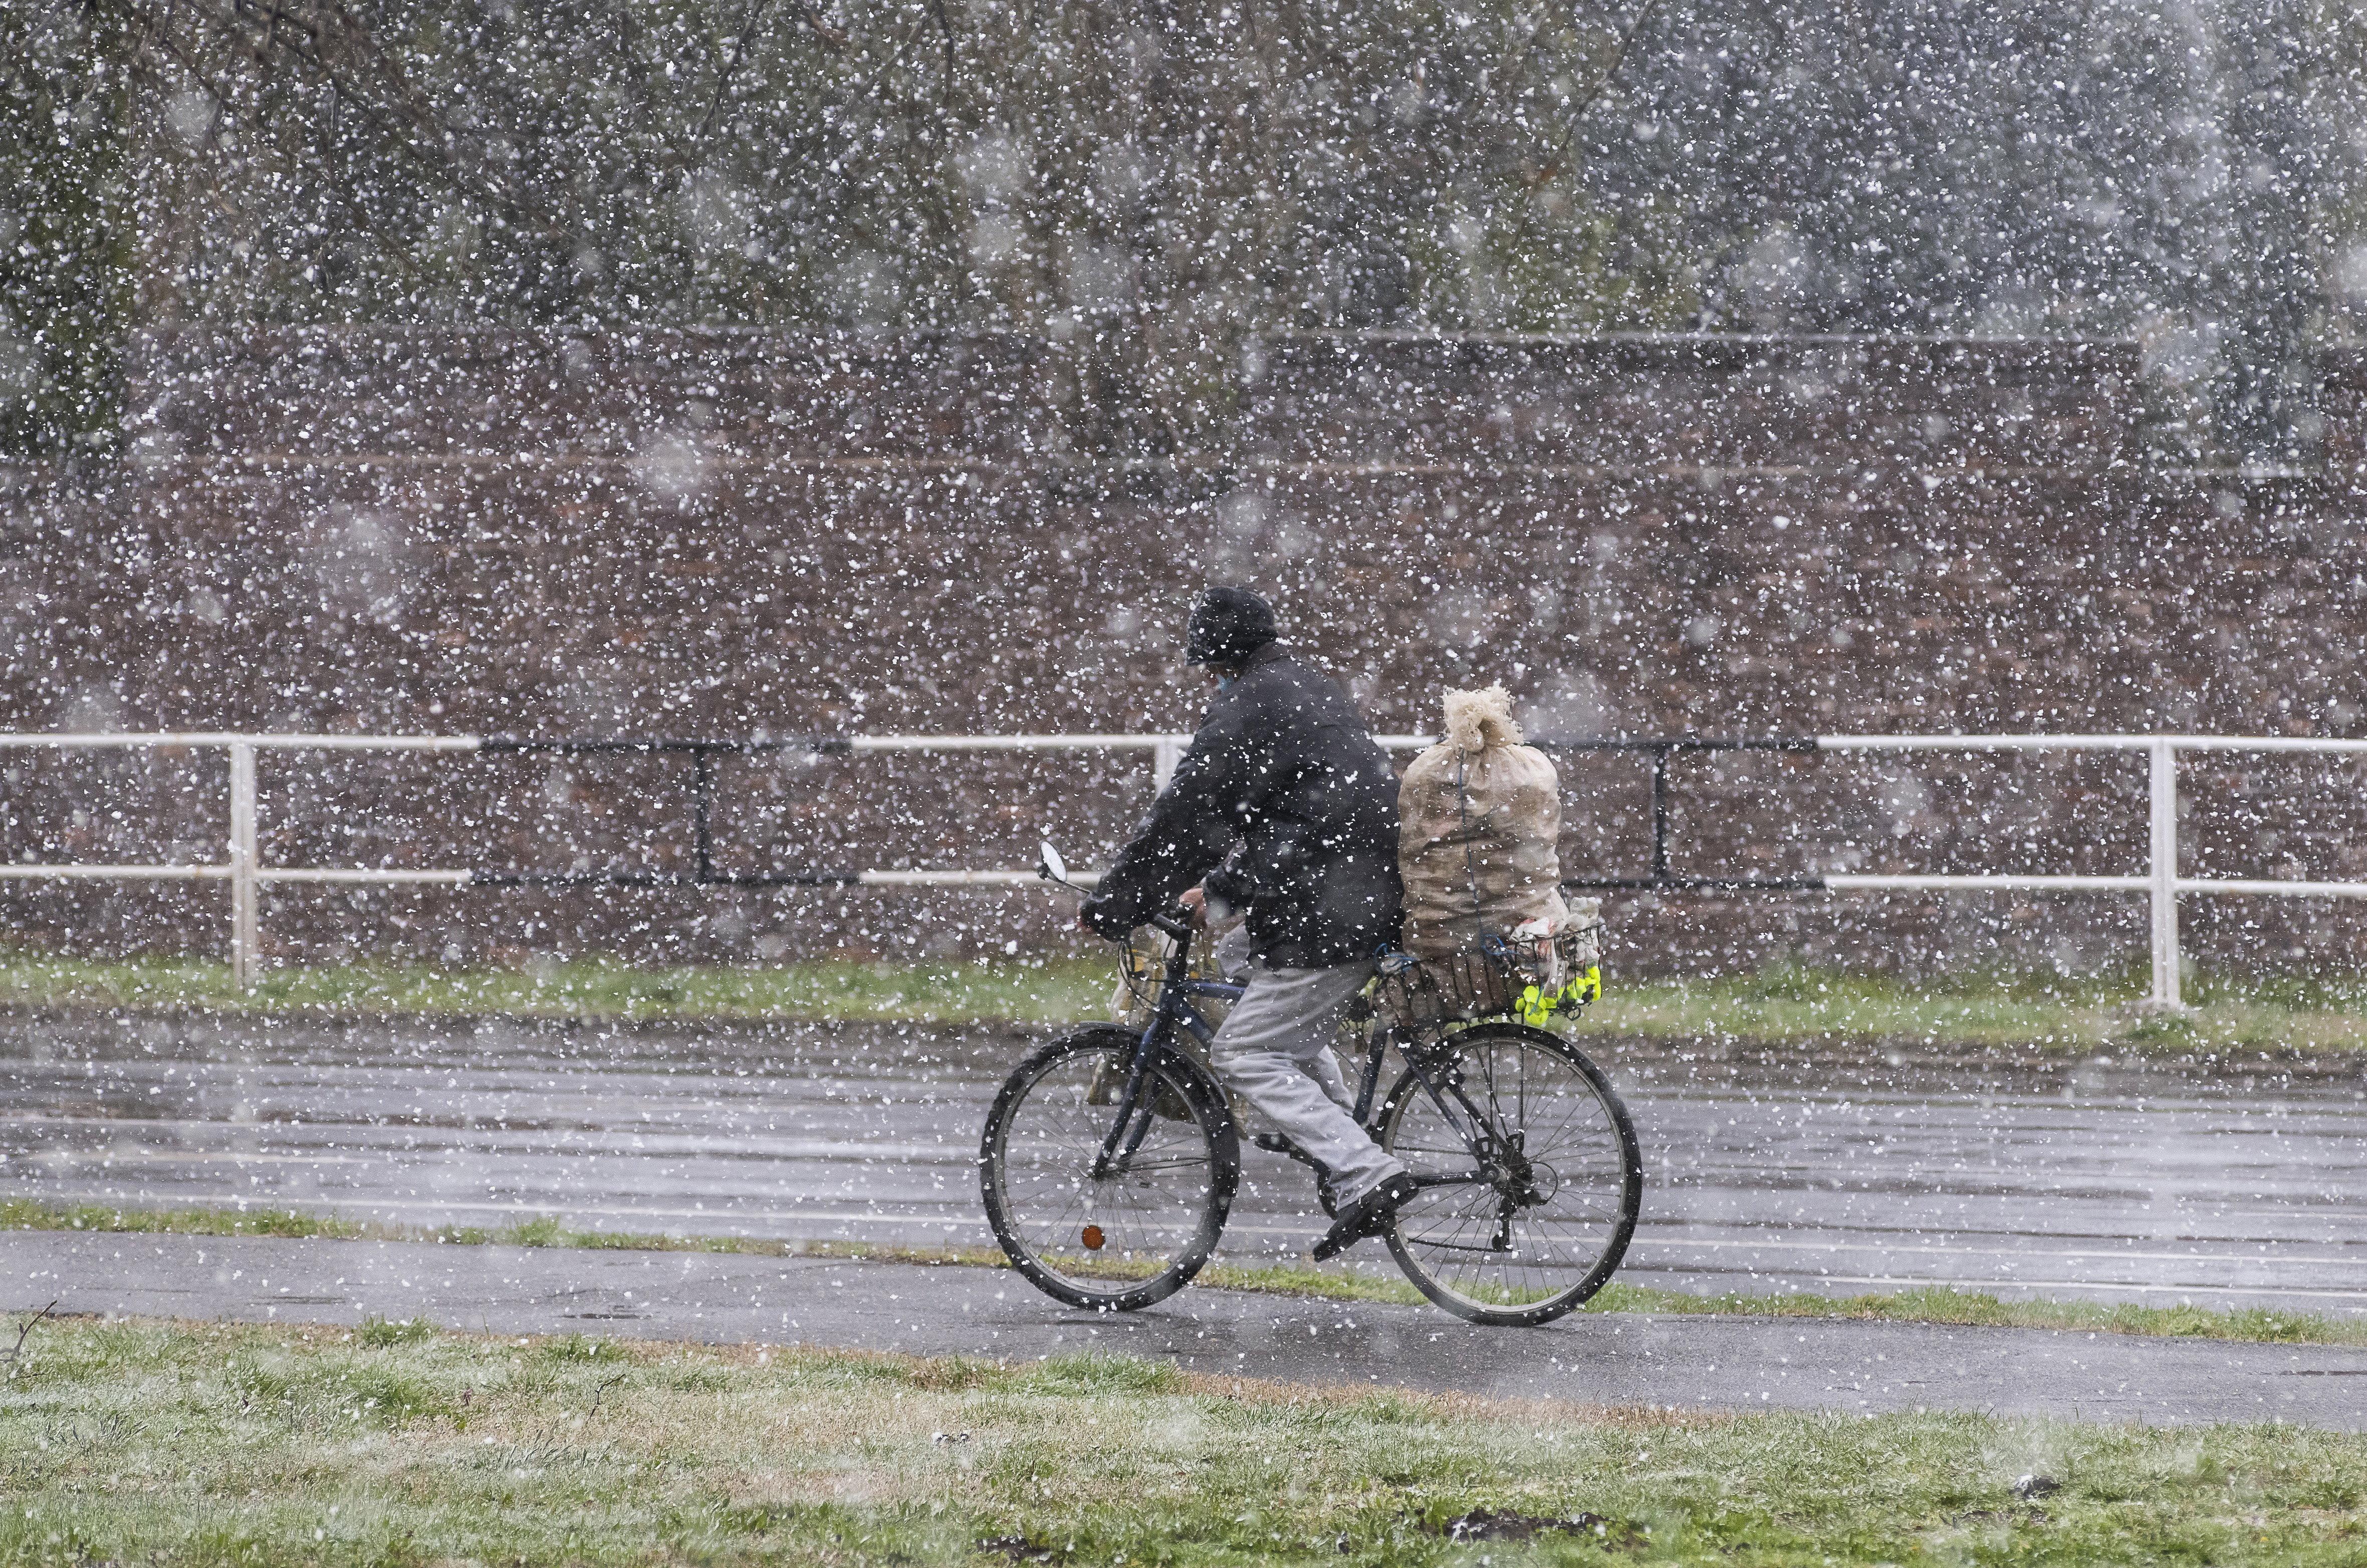 2003 óta nem volt ilyen hideg az április Európában